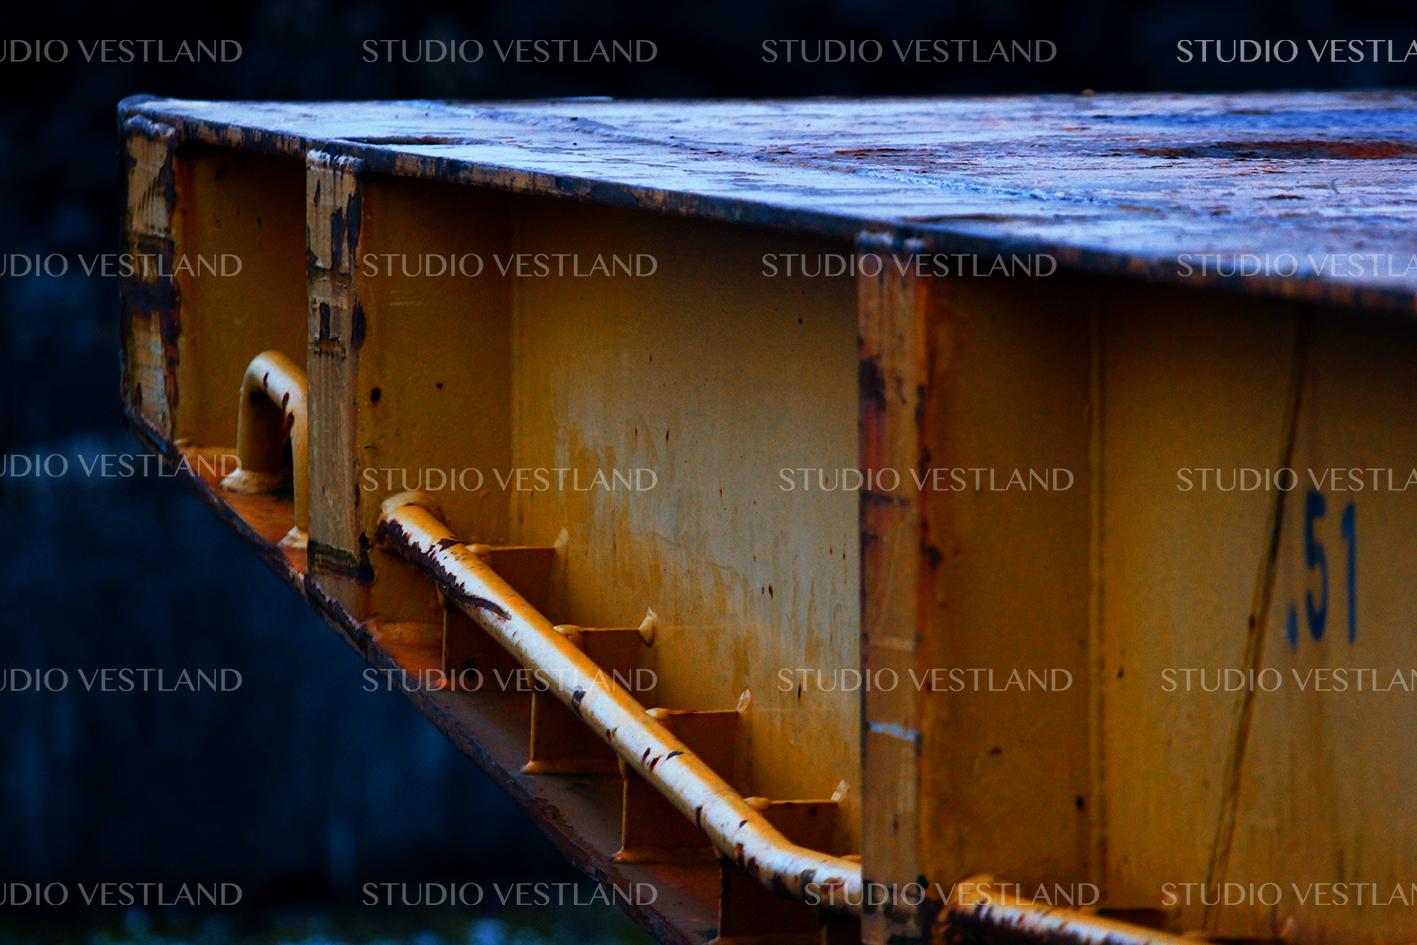 Studio Vestland - Flak